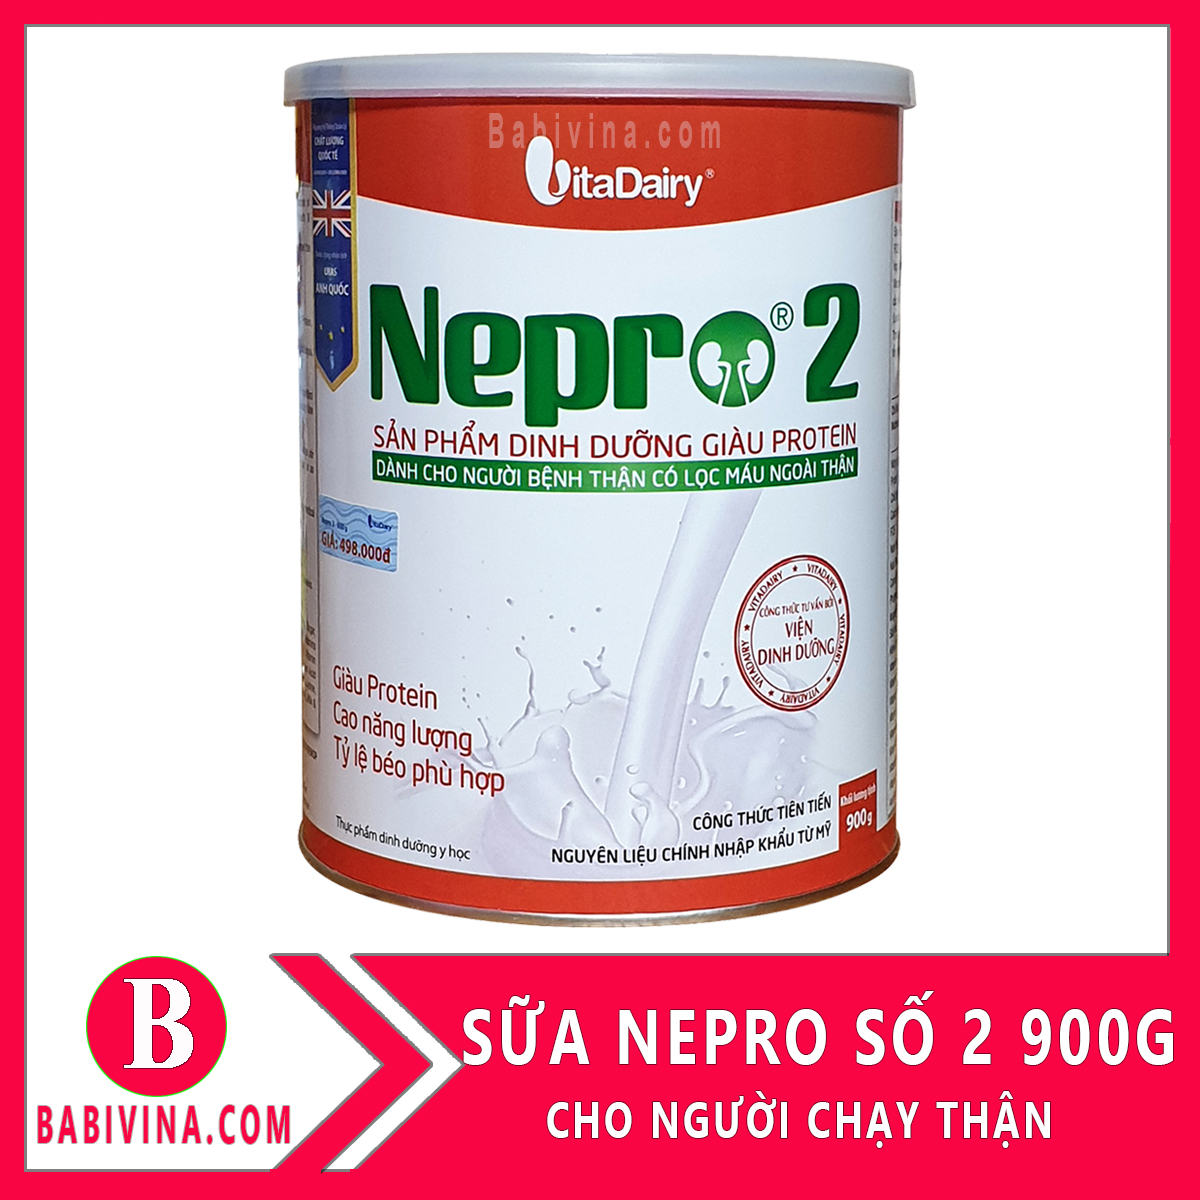 Sữa Thận Nepro 2 900g Dành Cho Bệnh Nhân Có Lọc Máu Ngoài Thận, Chạy Thận